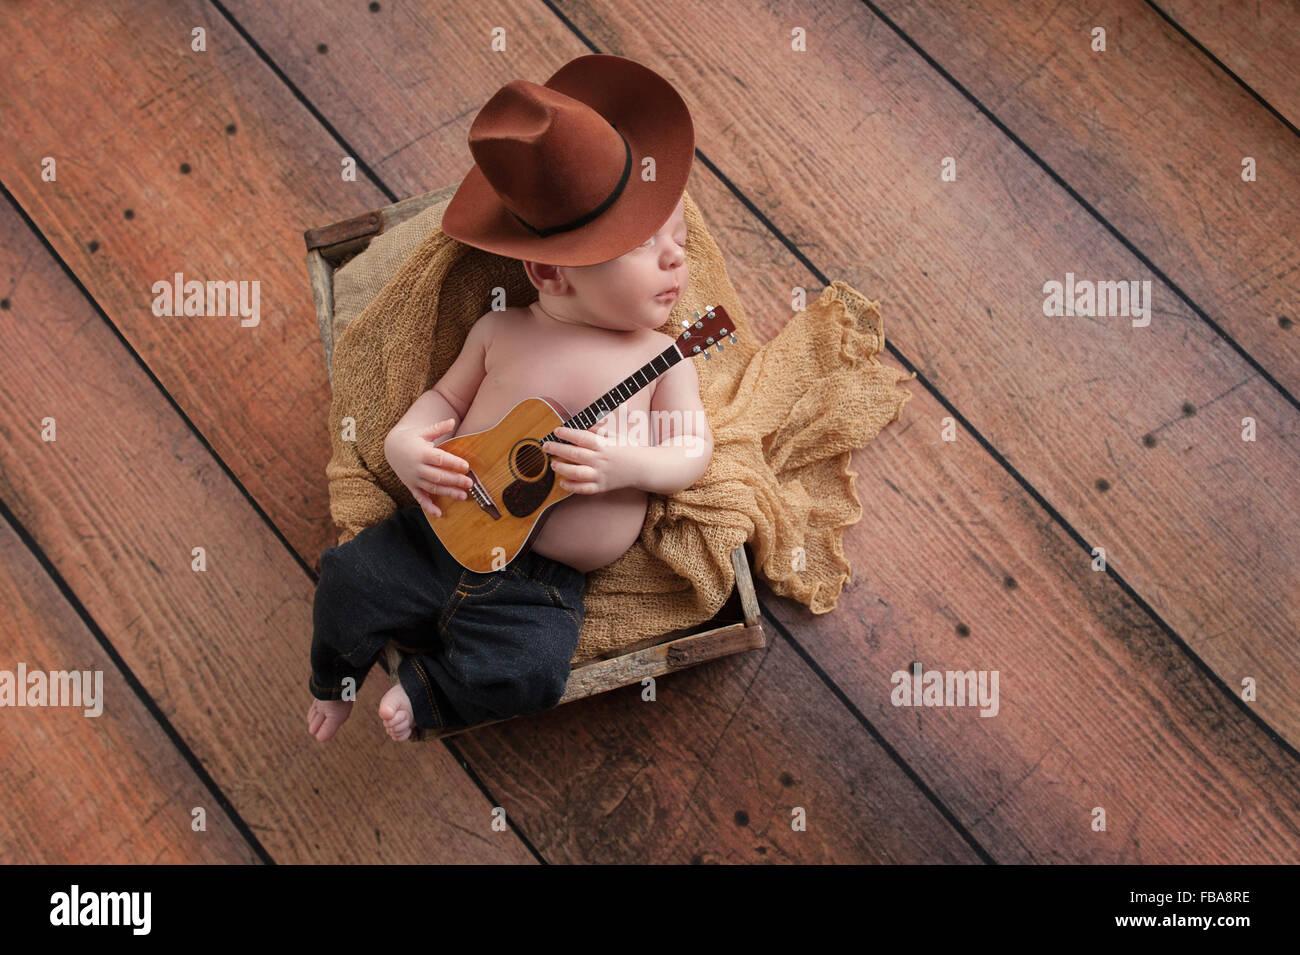 df21ff862 Un bebé de tres semanas de edad vistiendo un sombrero de vaquero y jeans y  tocando